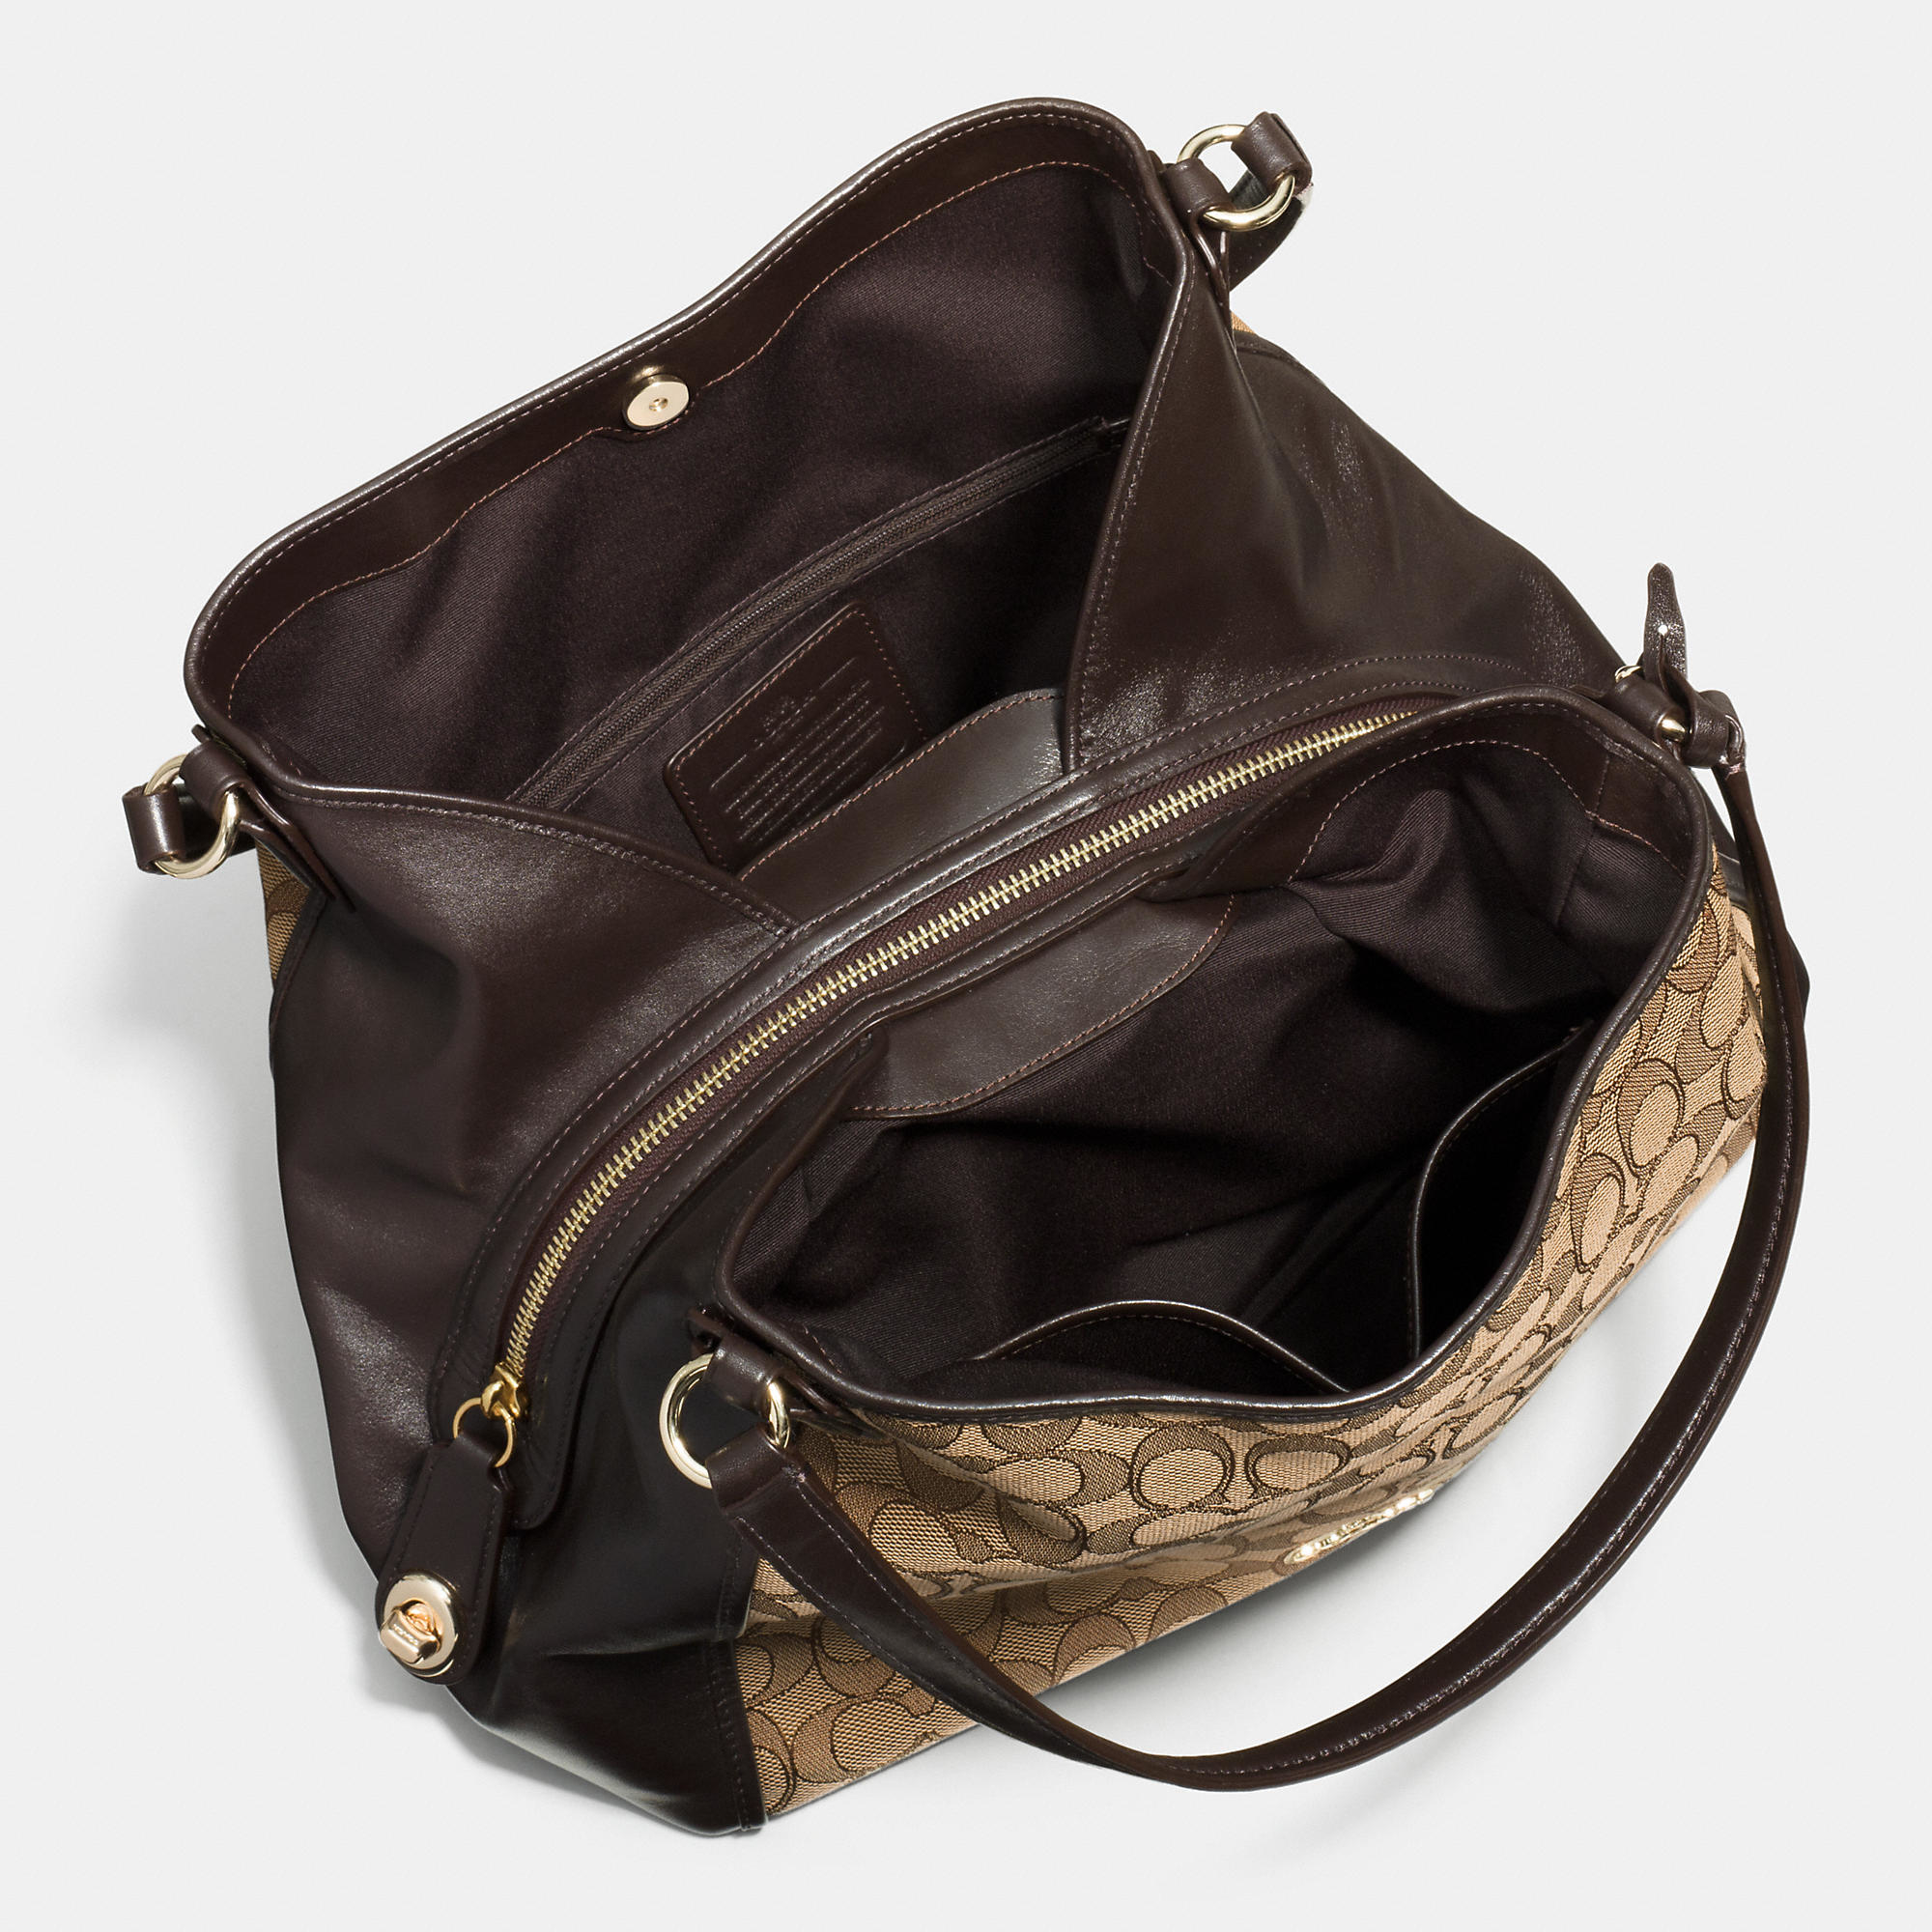 ... release date lyst coach edie shoulder bag 31 in signature jacquard  c089d c6d57 fbca48c1b79cf